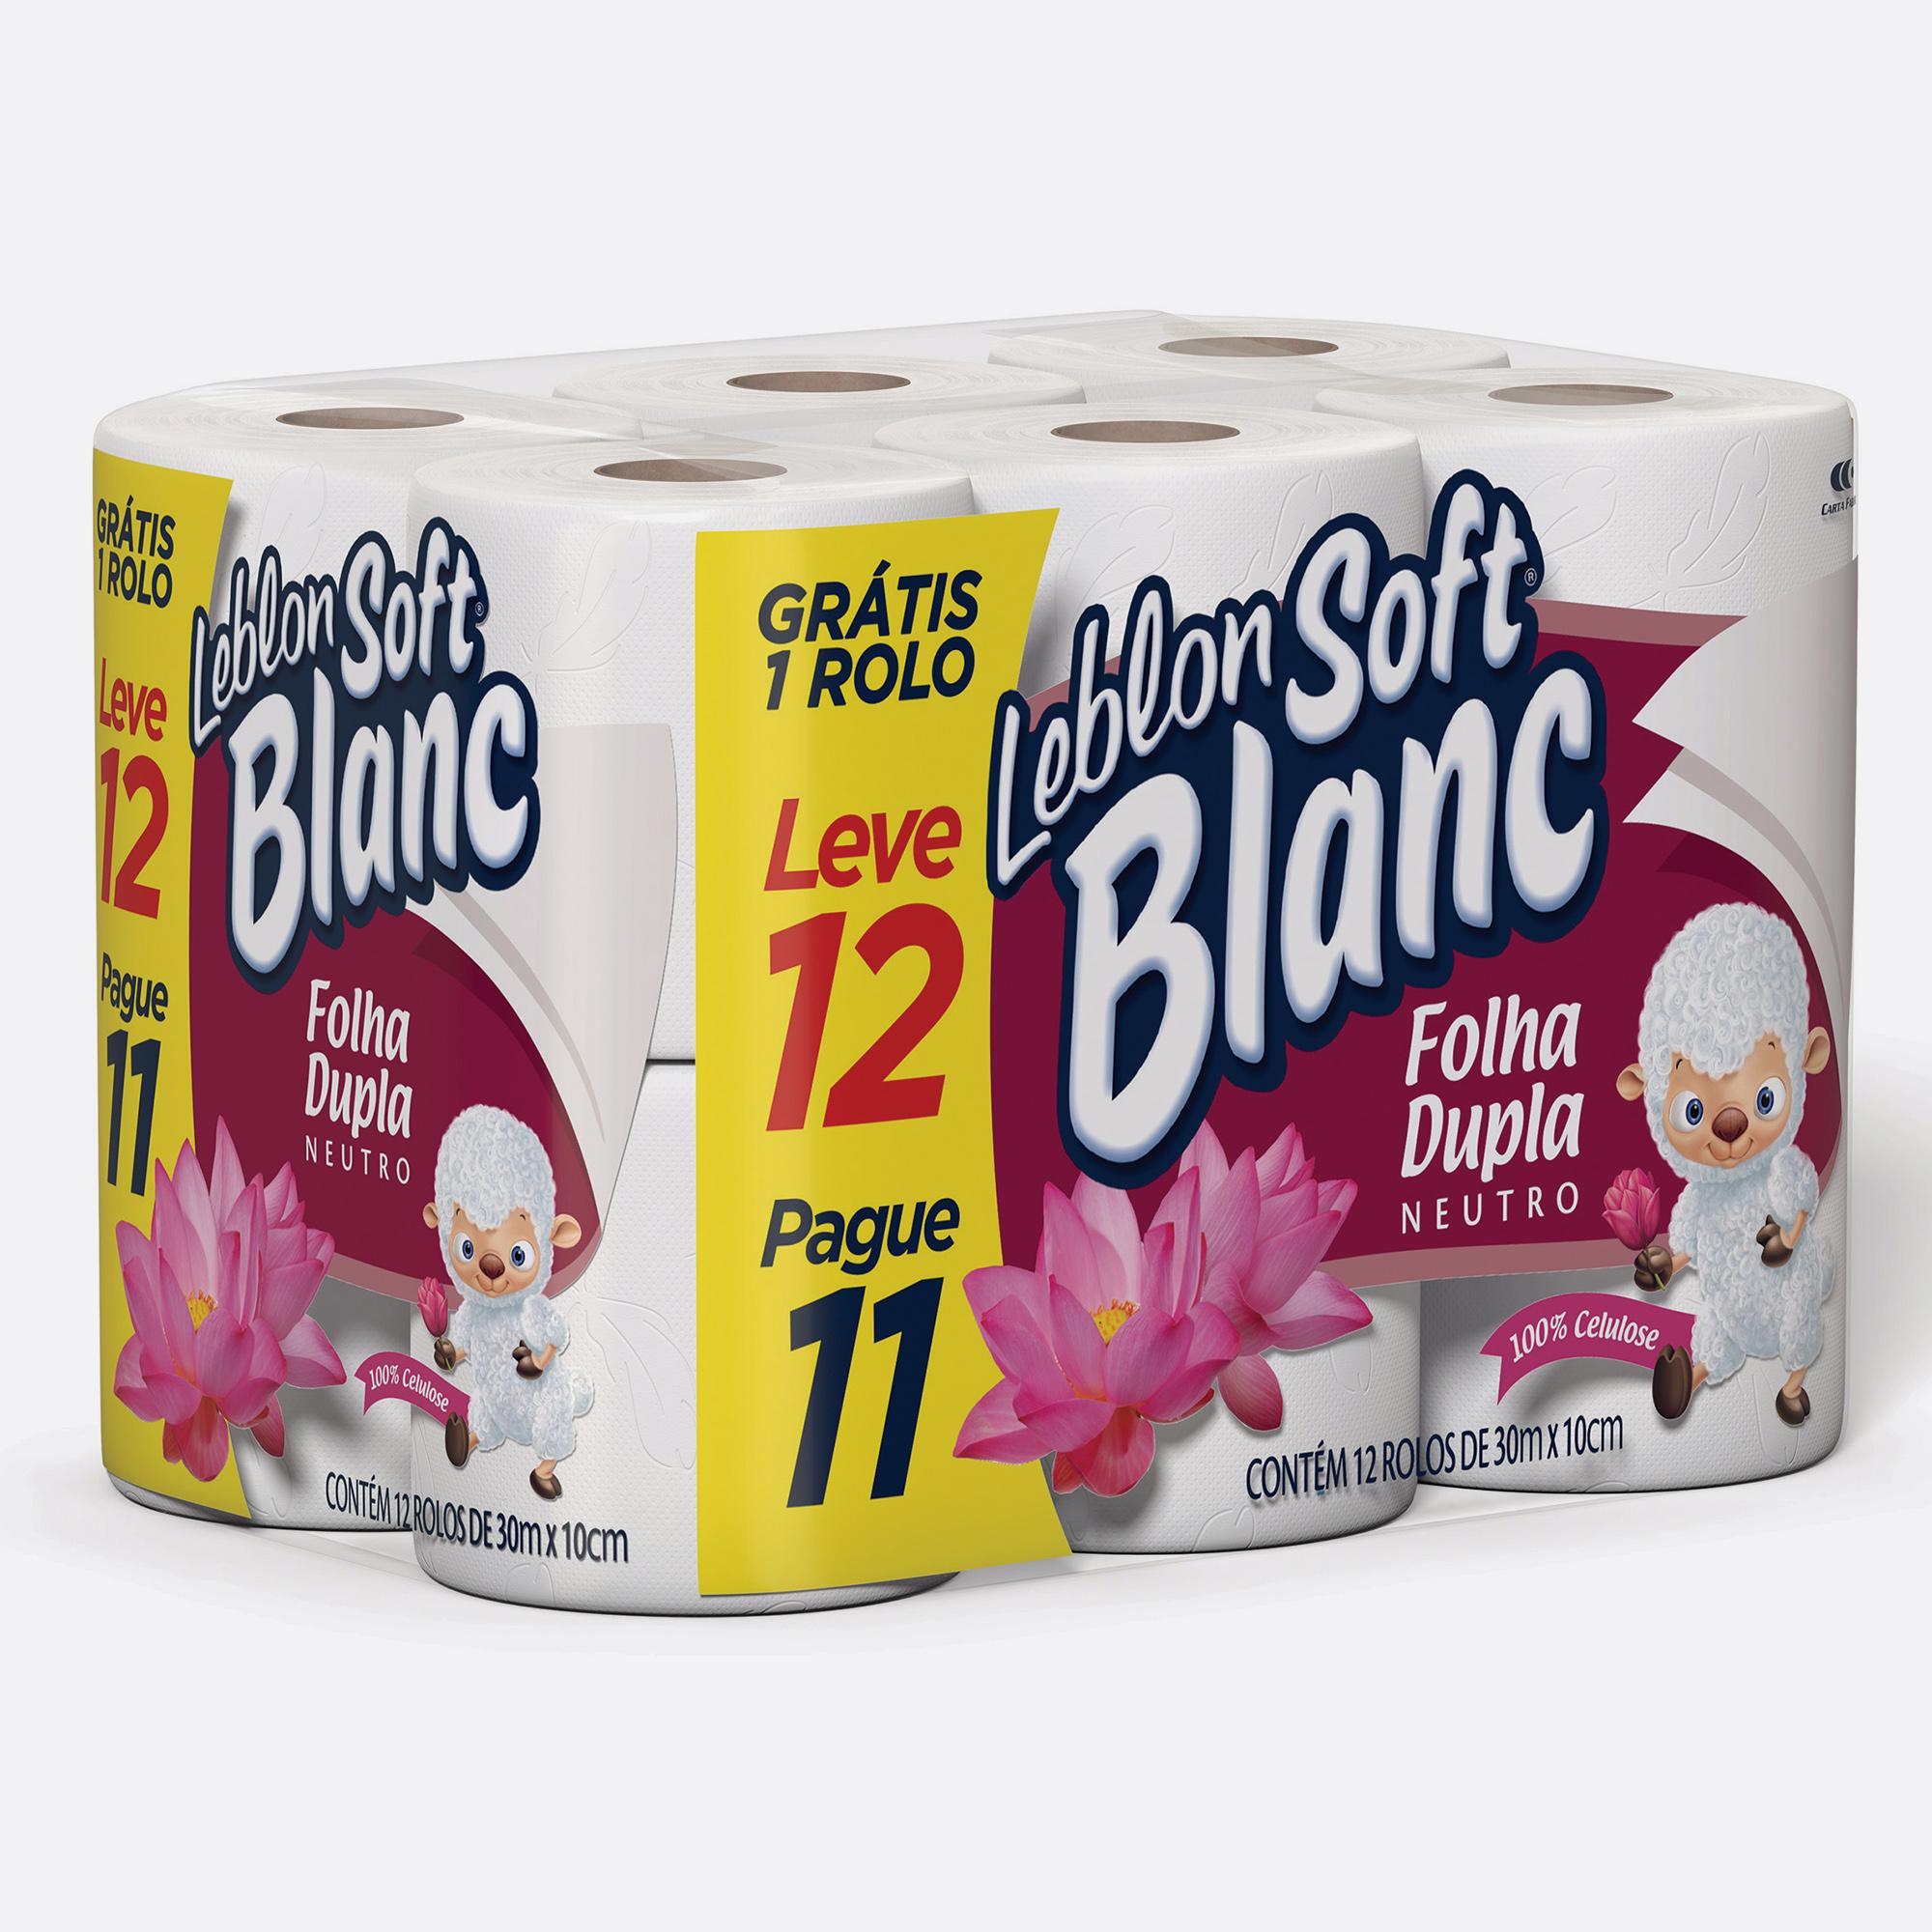 Desenvolvimento do mockup 3D digital, packshot das embalagem do papel higiênico Leblon Soft Blanc Leve 12 pague 11 para o Grupo Carta Fabril